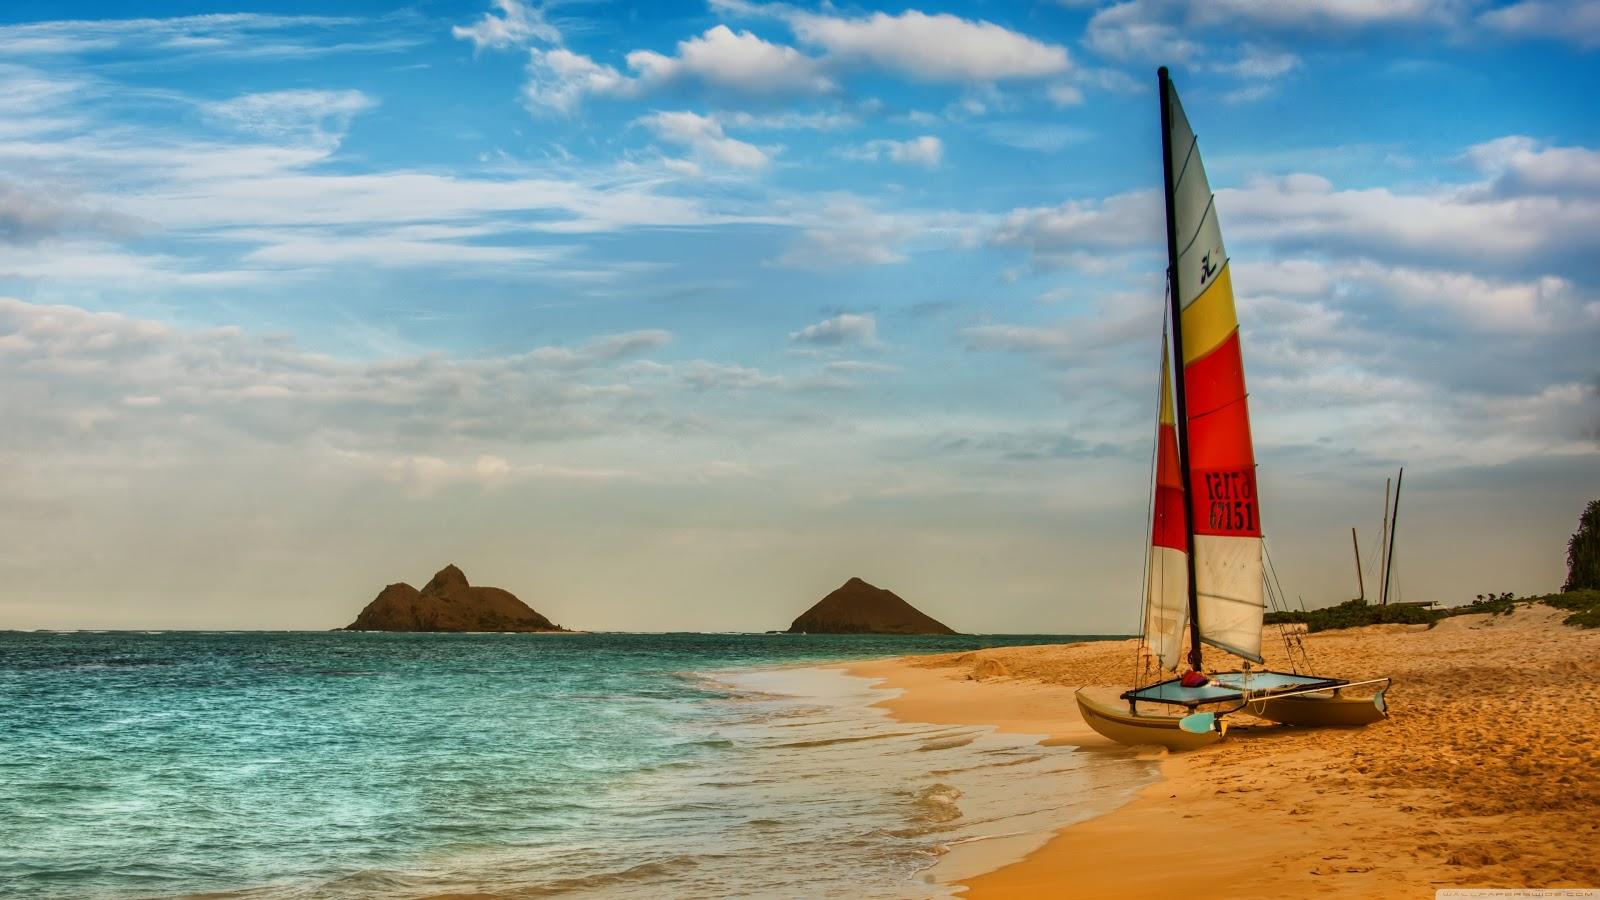 http://4.bp.blogspot.com/-qQD_kpf9680/UNc6AH2j6BI/AAAAAAAACKM/3e6fNbV7A18/s1600/boat_on_oahu_beach-wallpaper-3840x2160.jpg